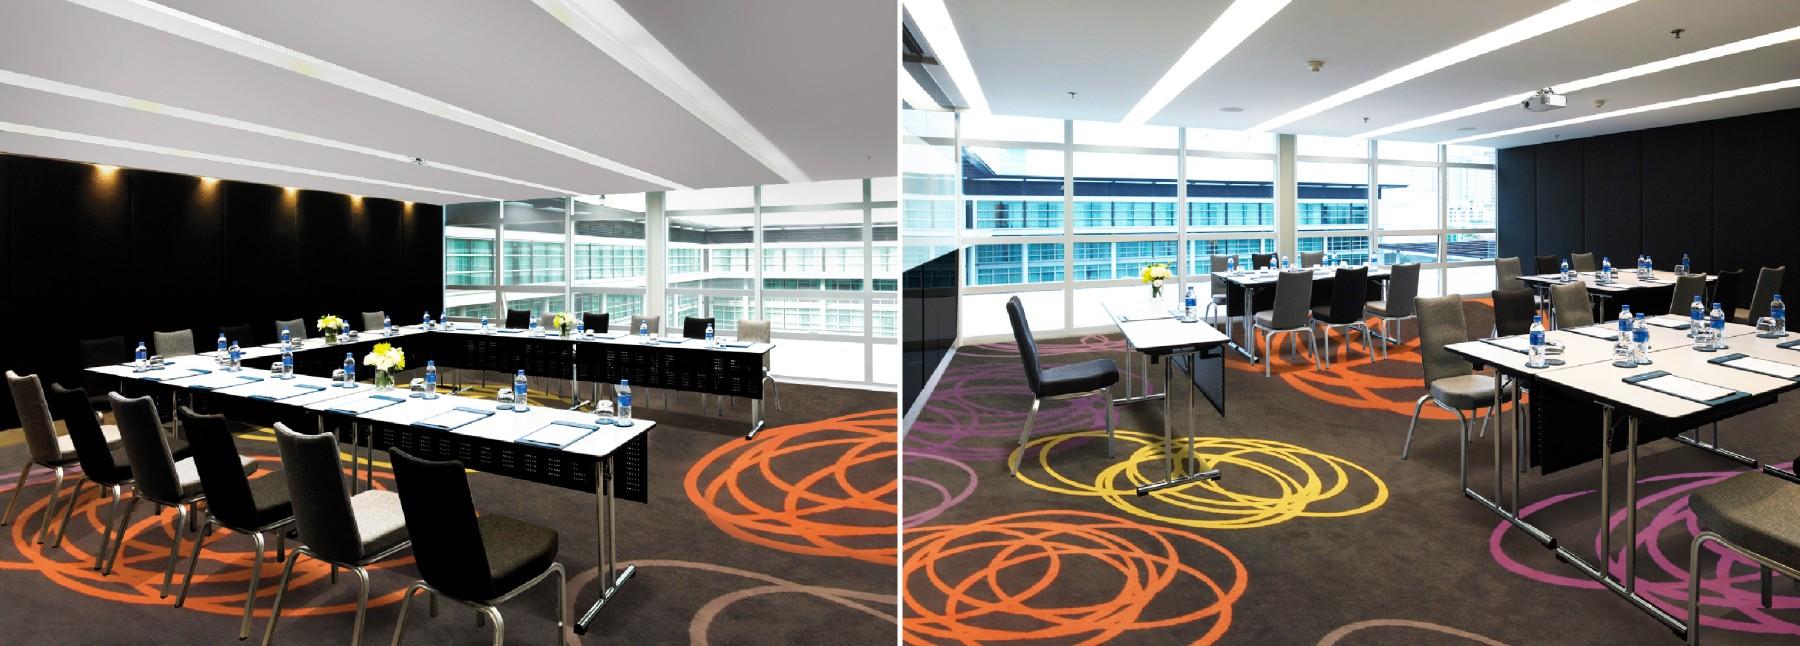 meeting room in Bangkok